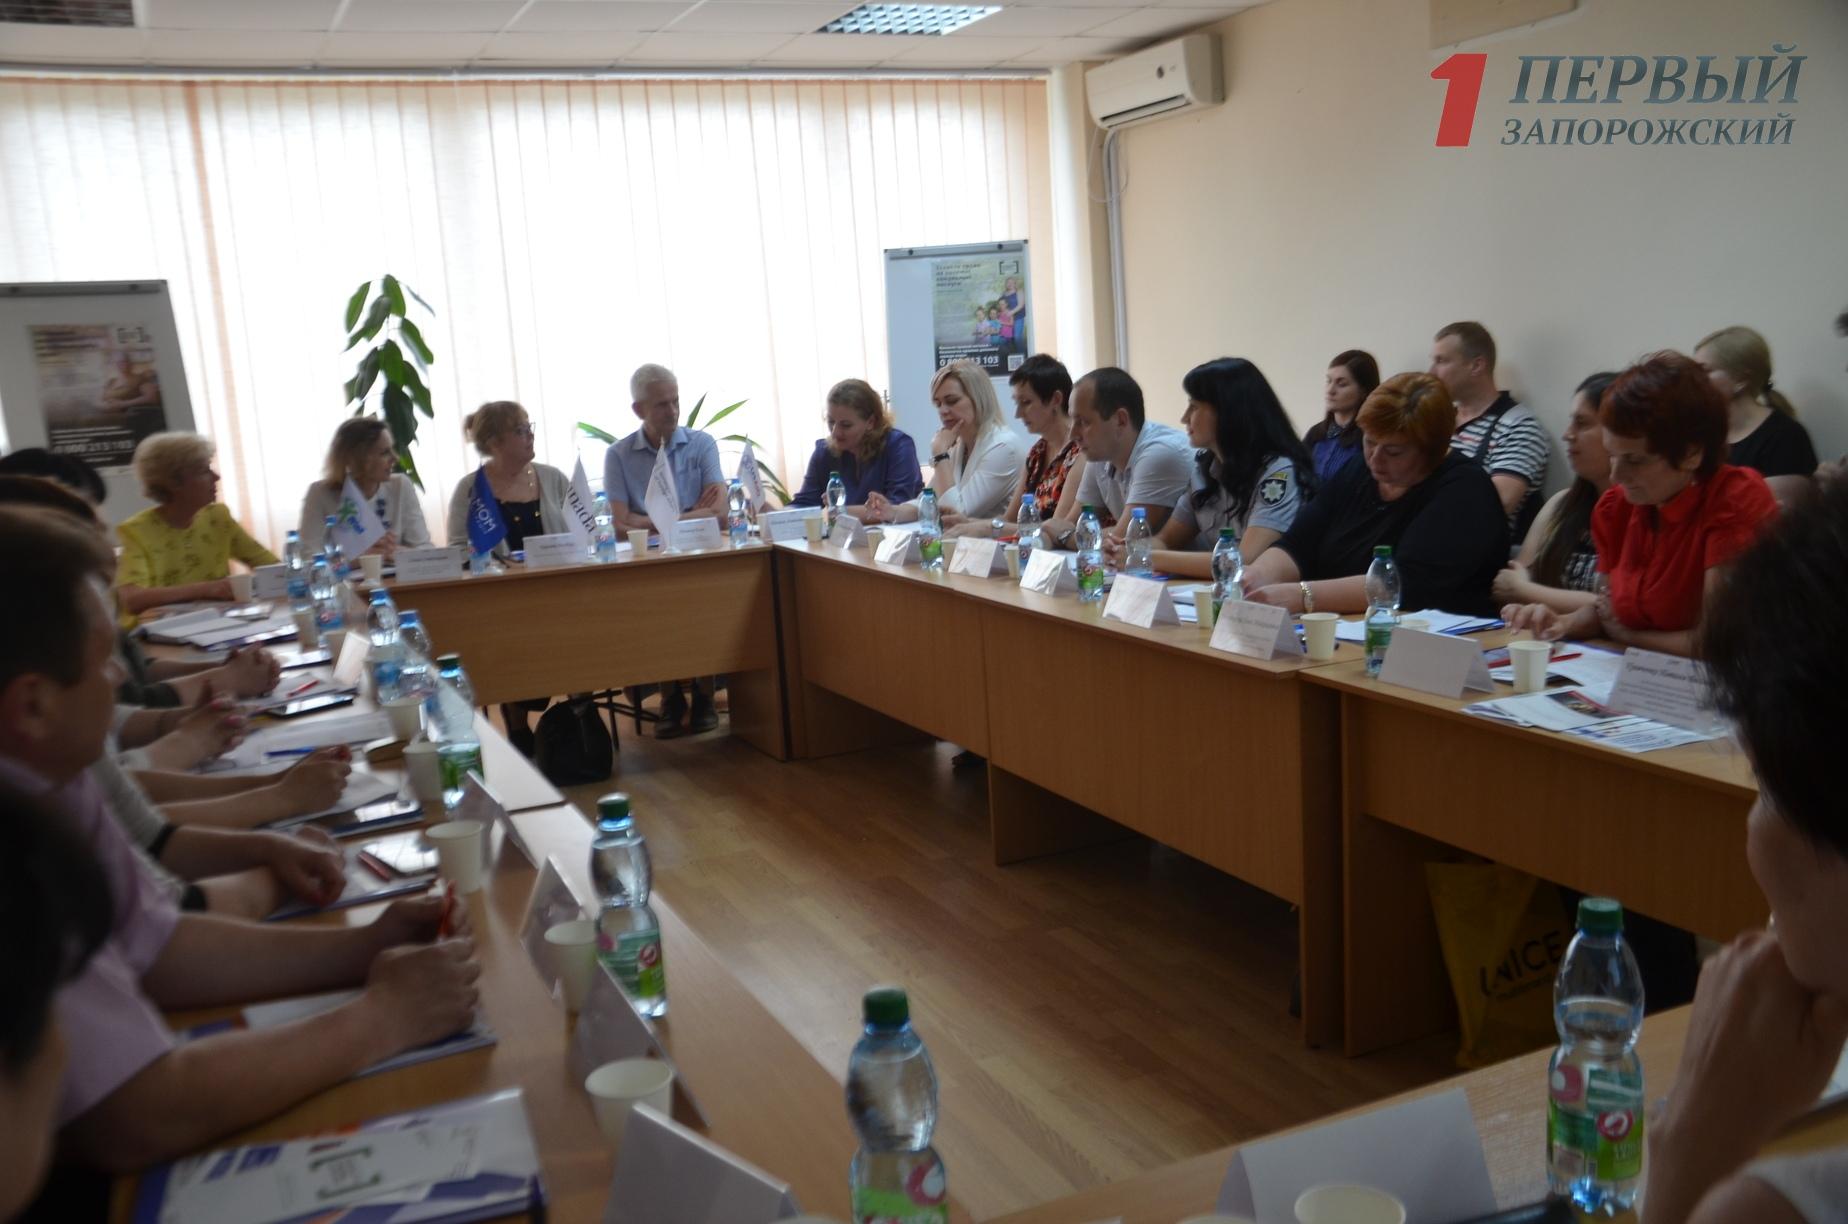 В Запорожье проходит круглый стол по вопросам противодействия торговли людьми – ФОТО